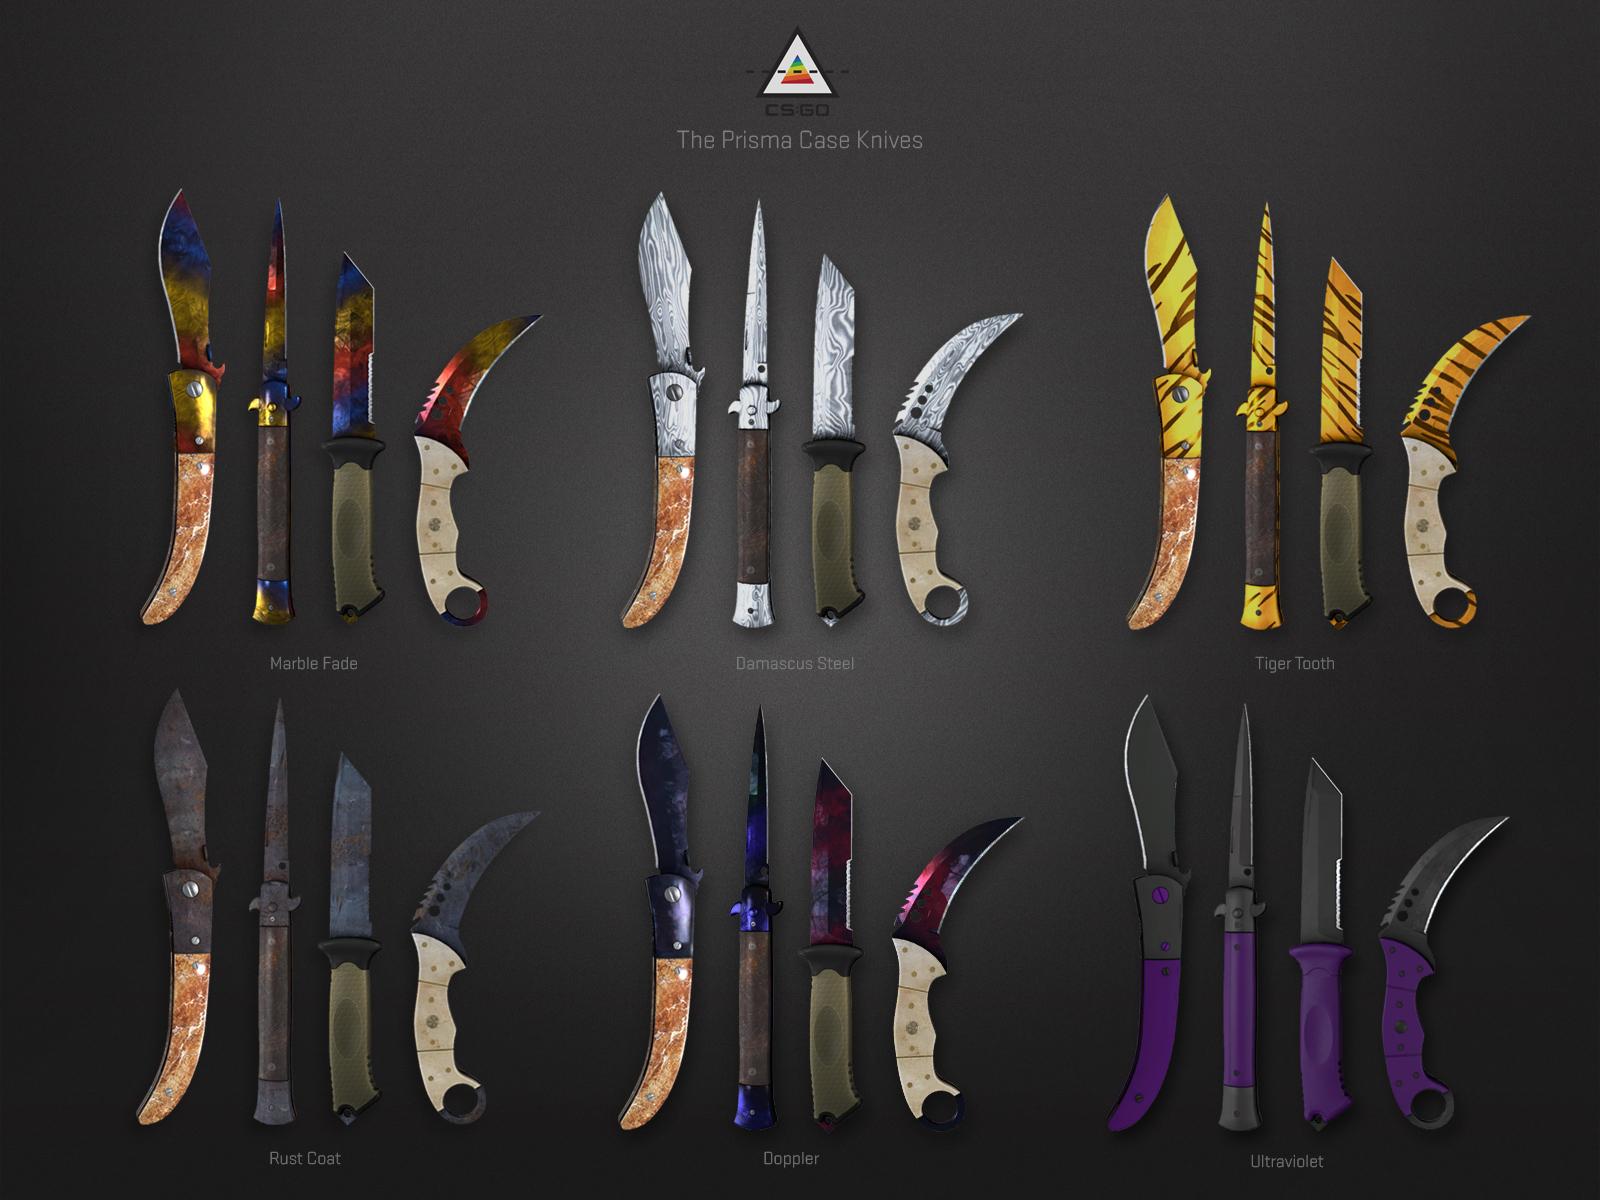 prisma_case22_knives.jpg